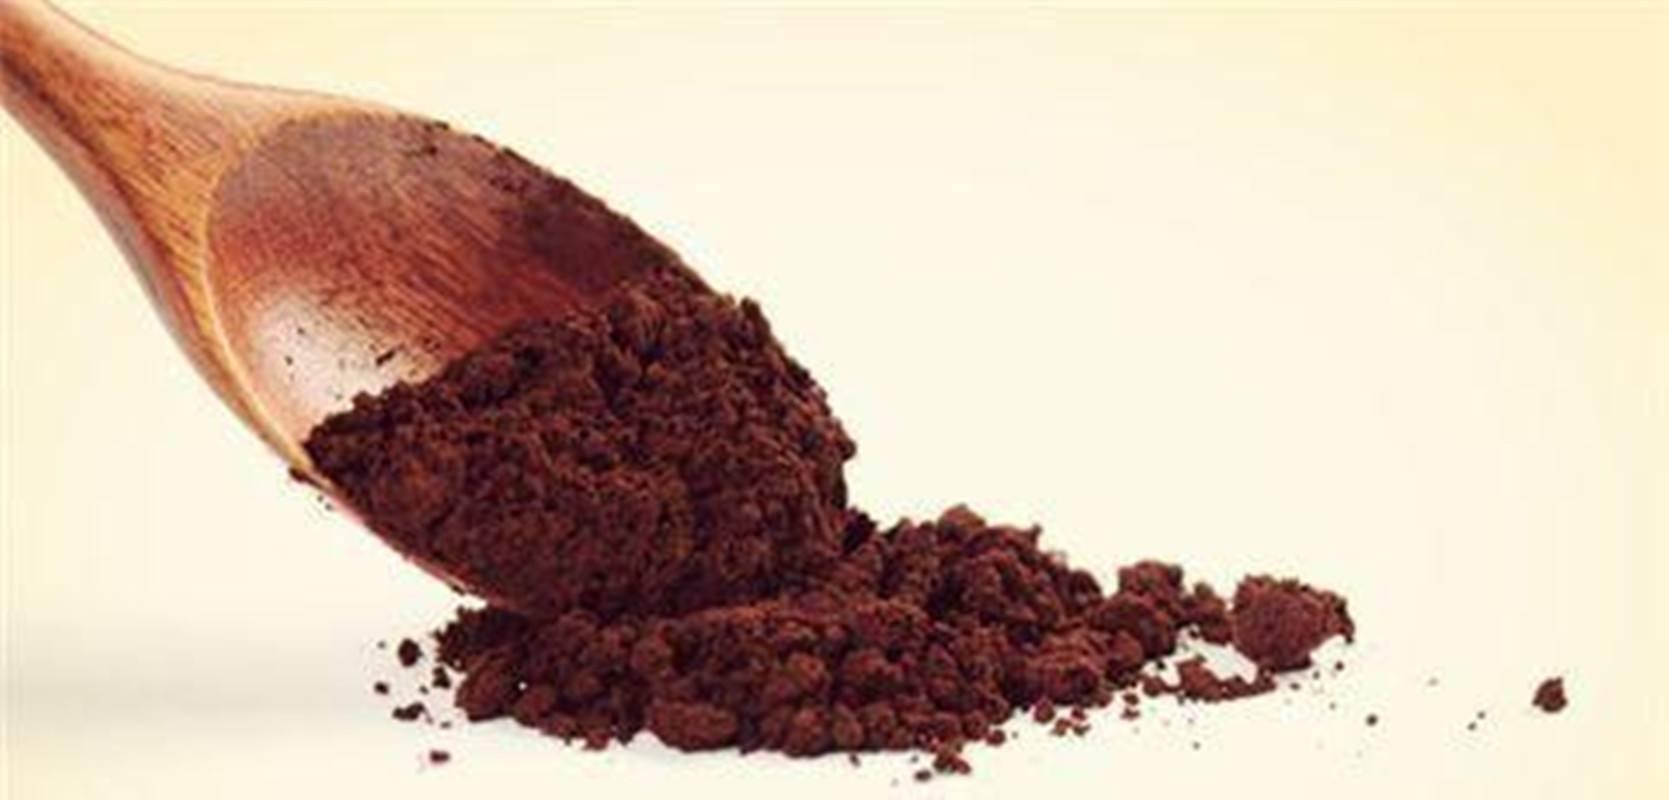 灵芝孢子粉的吃法和用量